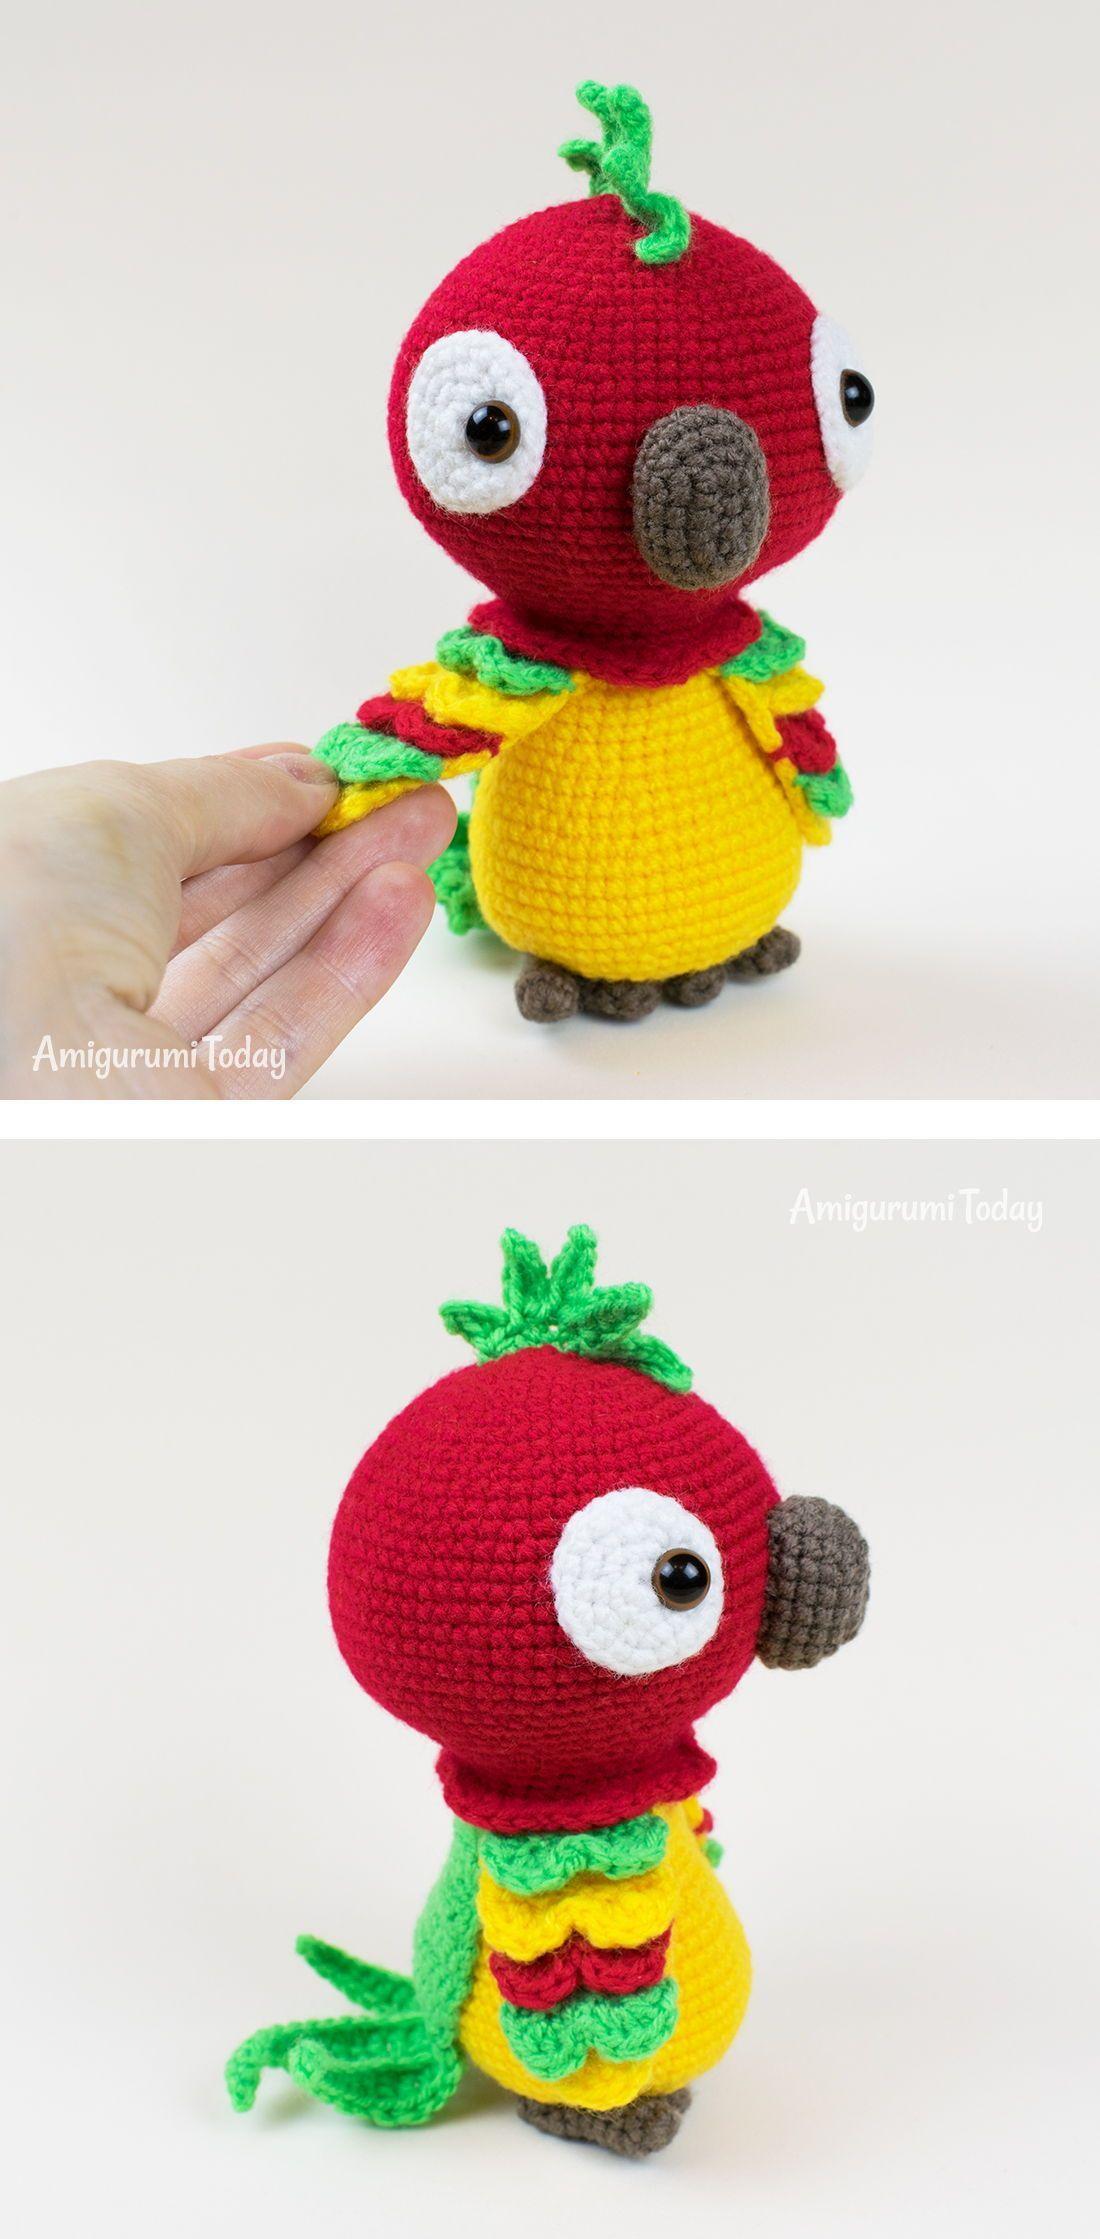 Amigurumi Crochet Parakeet Free Pattern   Crochet bird patterns, Crochet  amigurumi, Crochet parrot   2239x1100